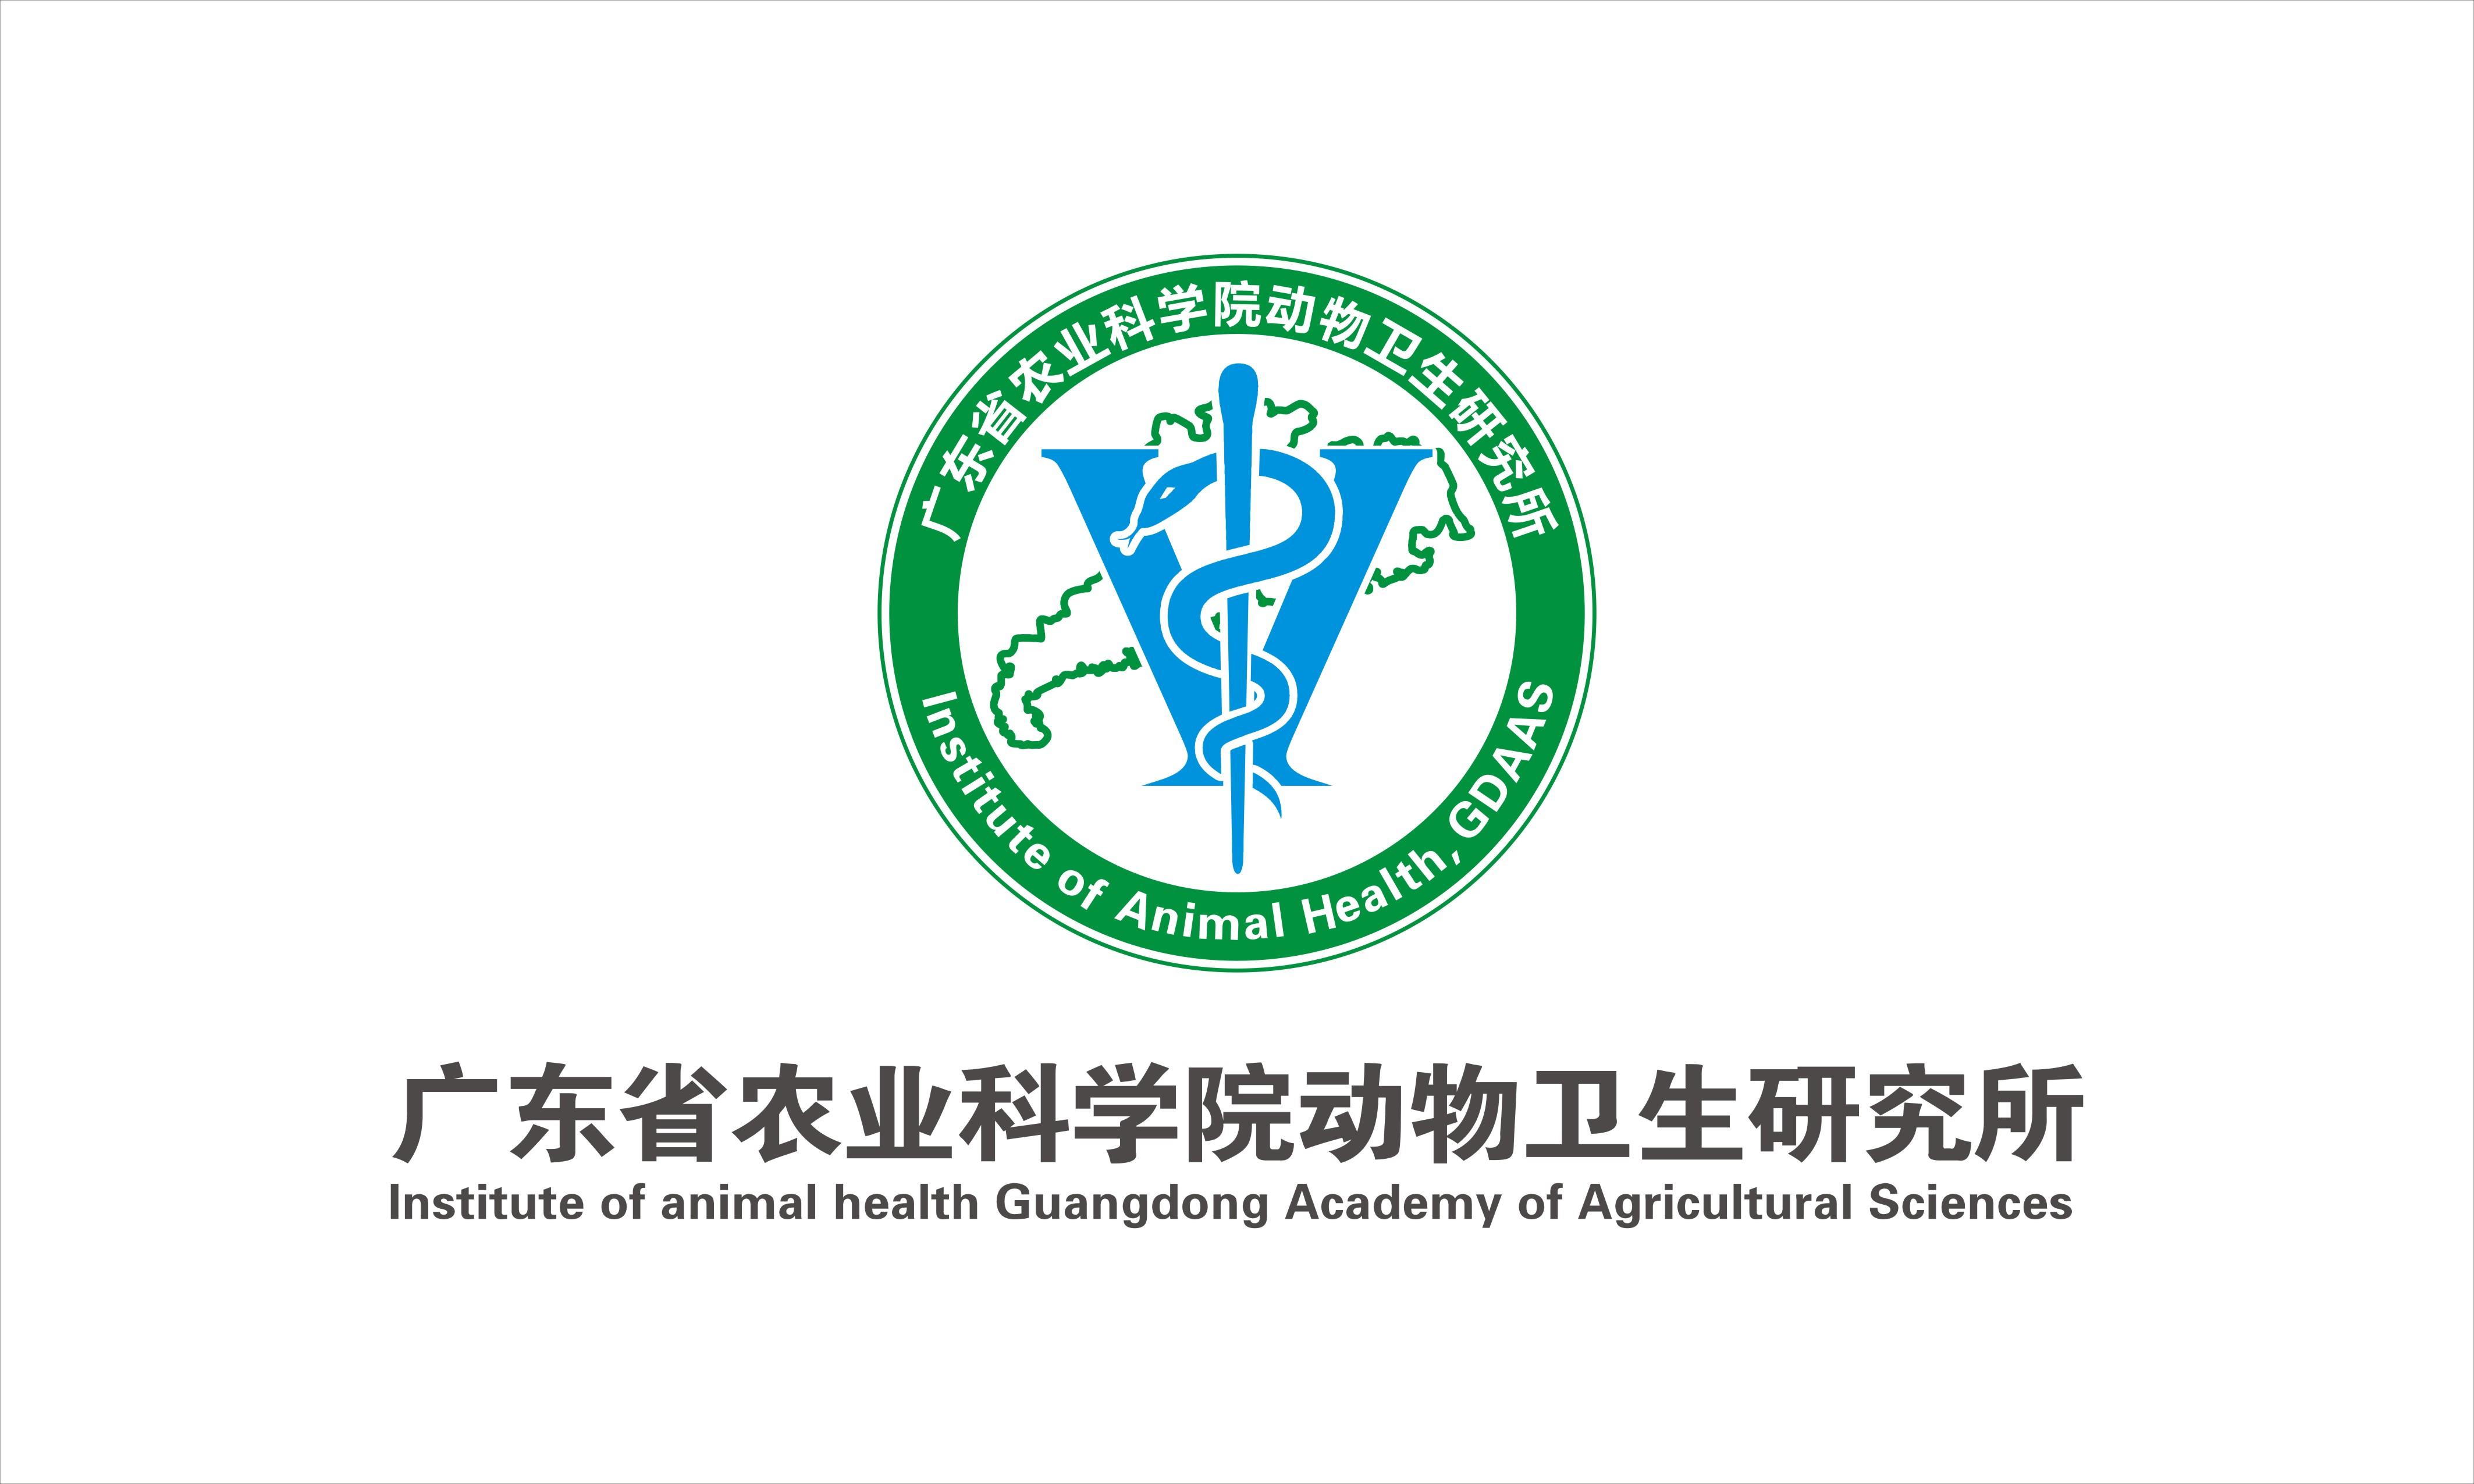 广东省农业科学院动物卫生研究所